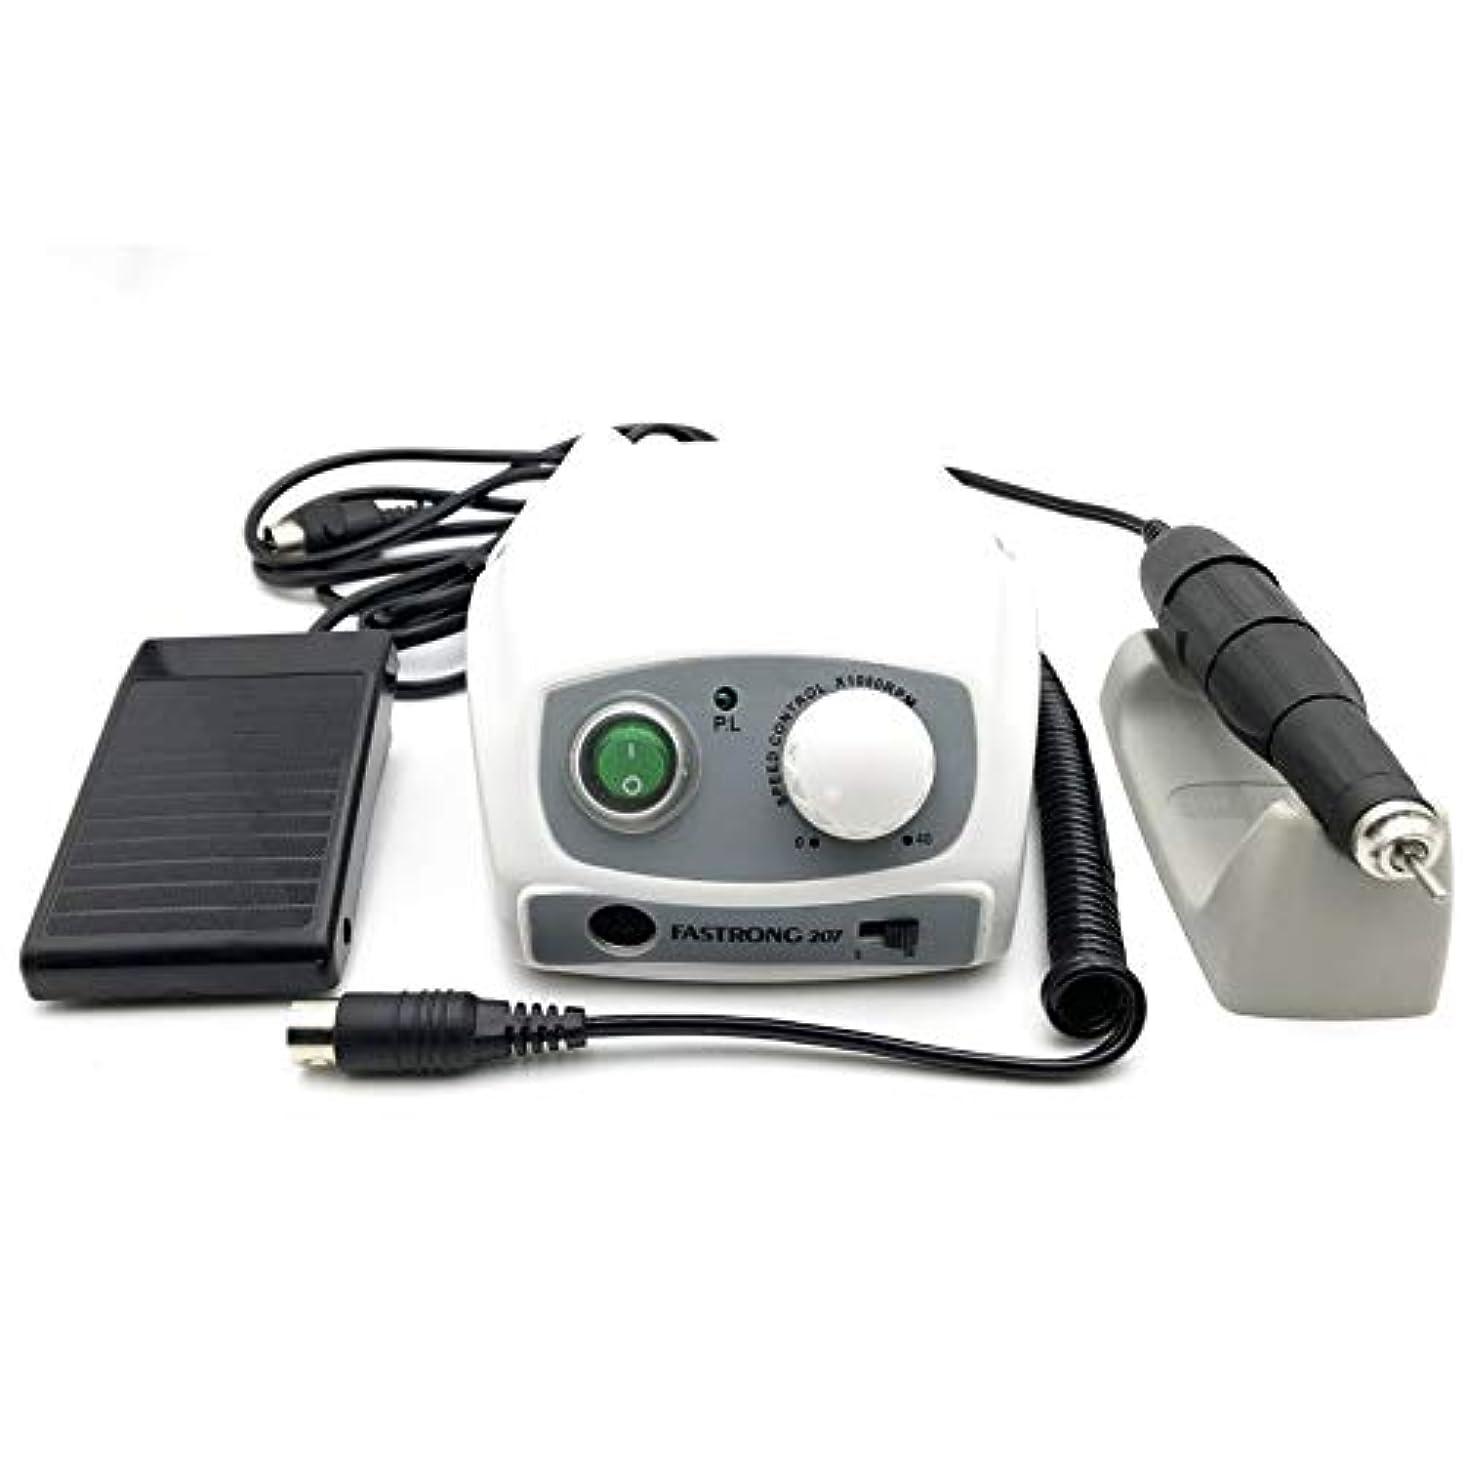 集団気楽な緩める電気マニキュアドリルセット40000RPMコントロールボックス210 102 Lマニキュアデバイス用マイクロモーターハンドピース